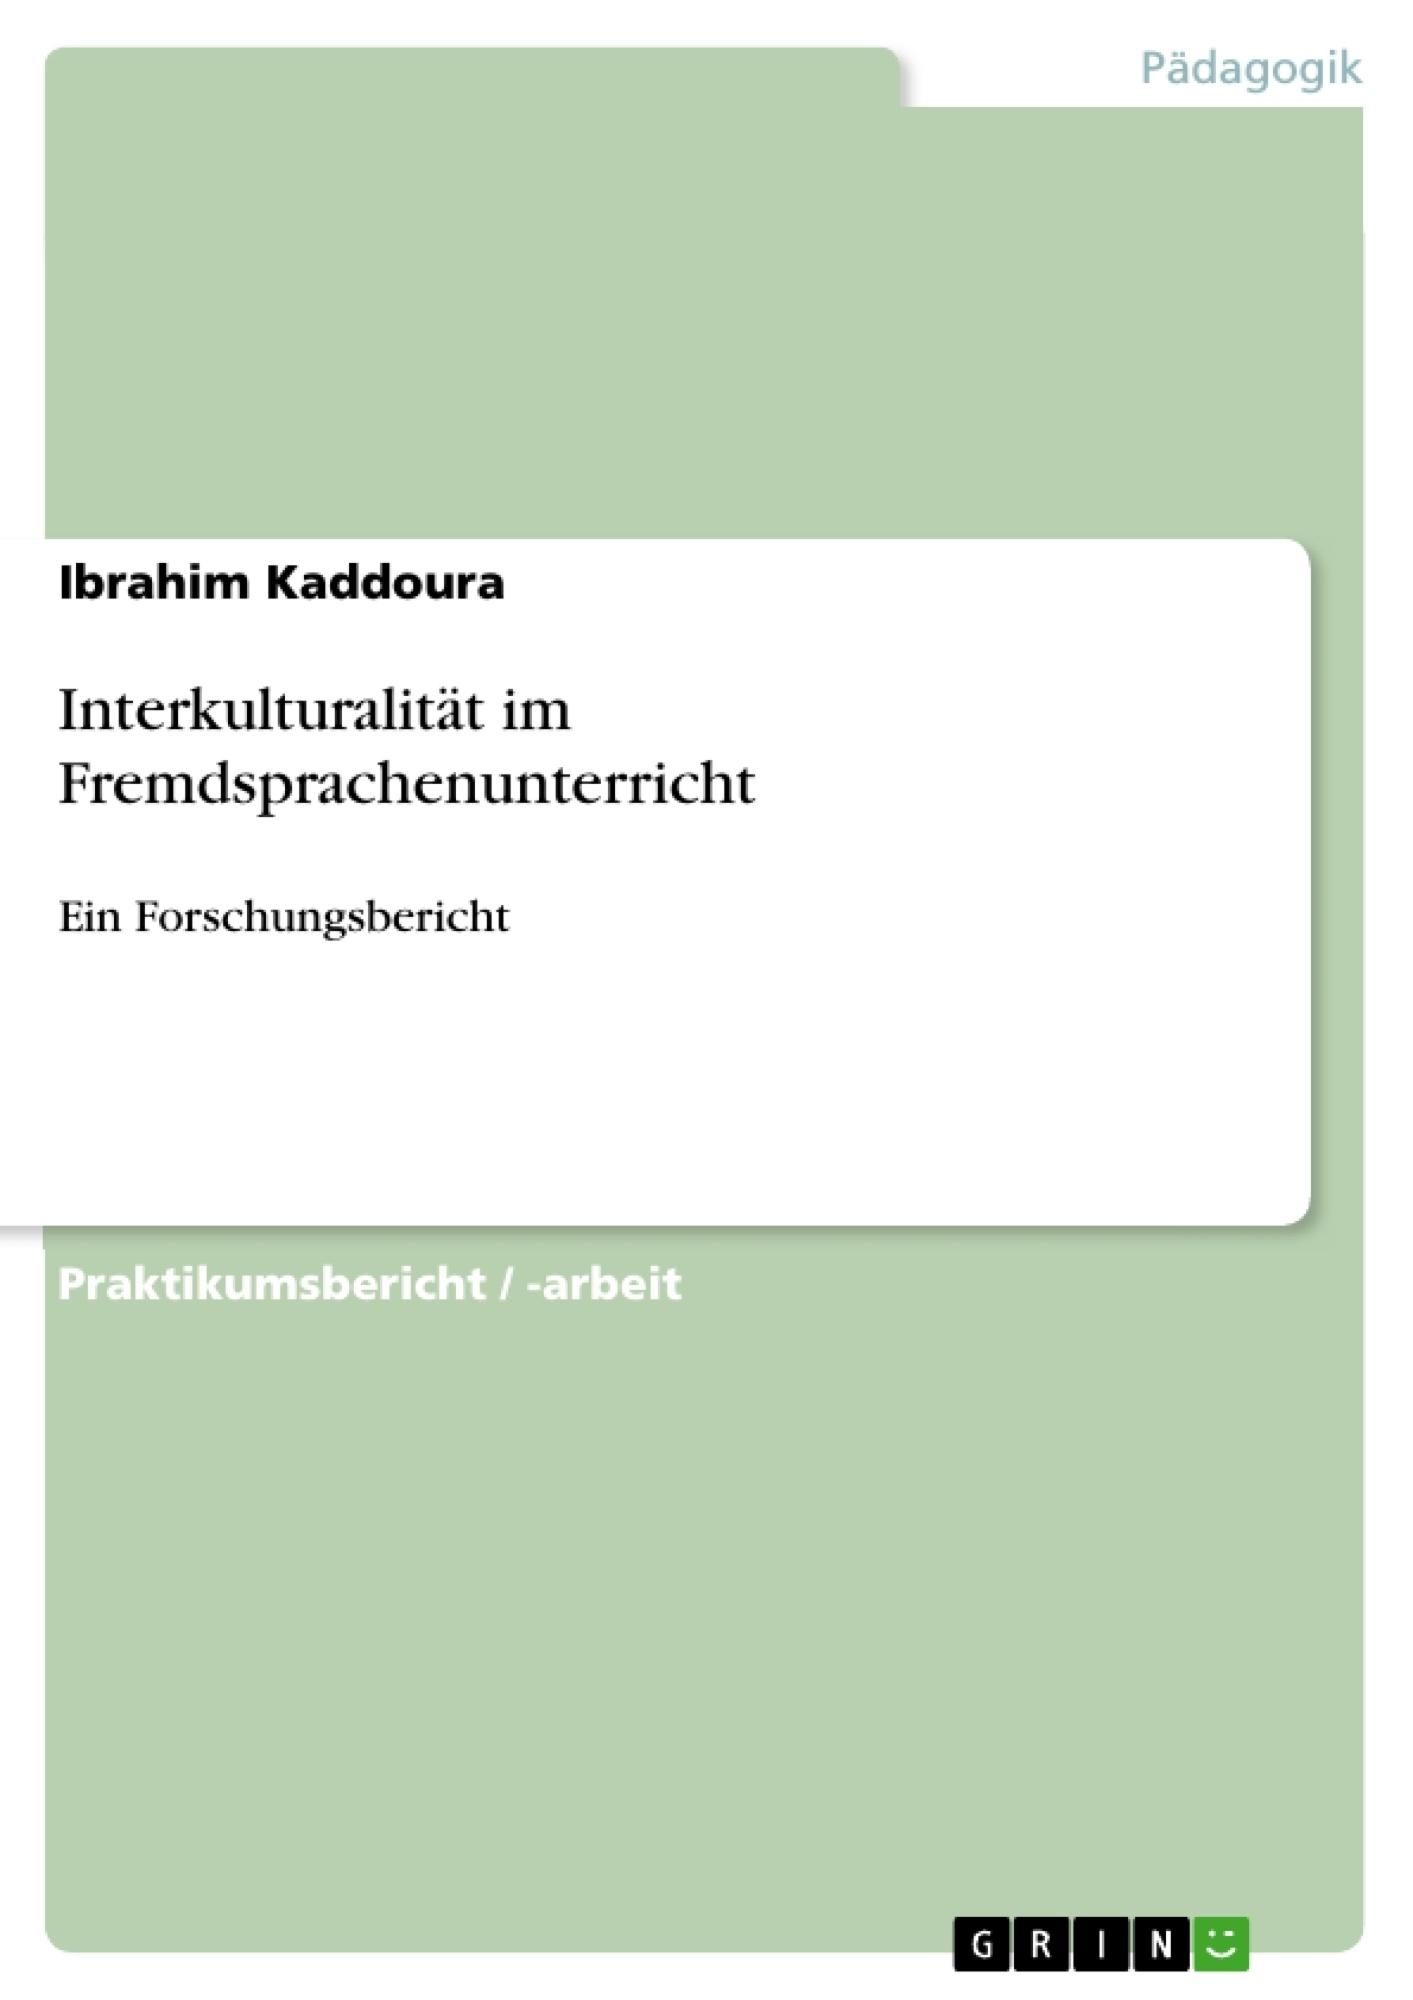 Titel: Interkulturalität im Fremdsprachenunterricht